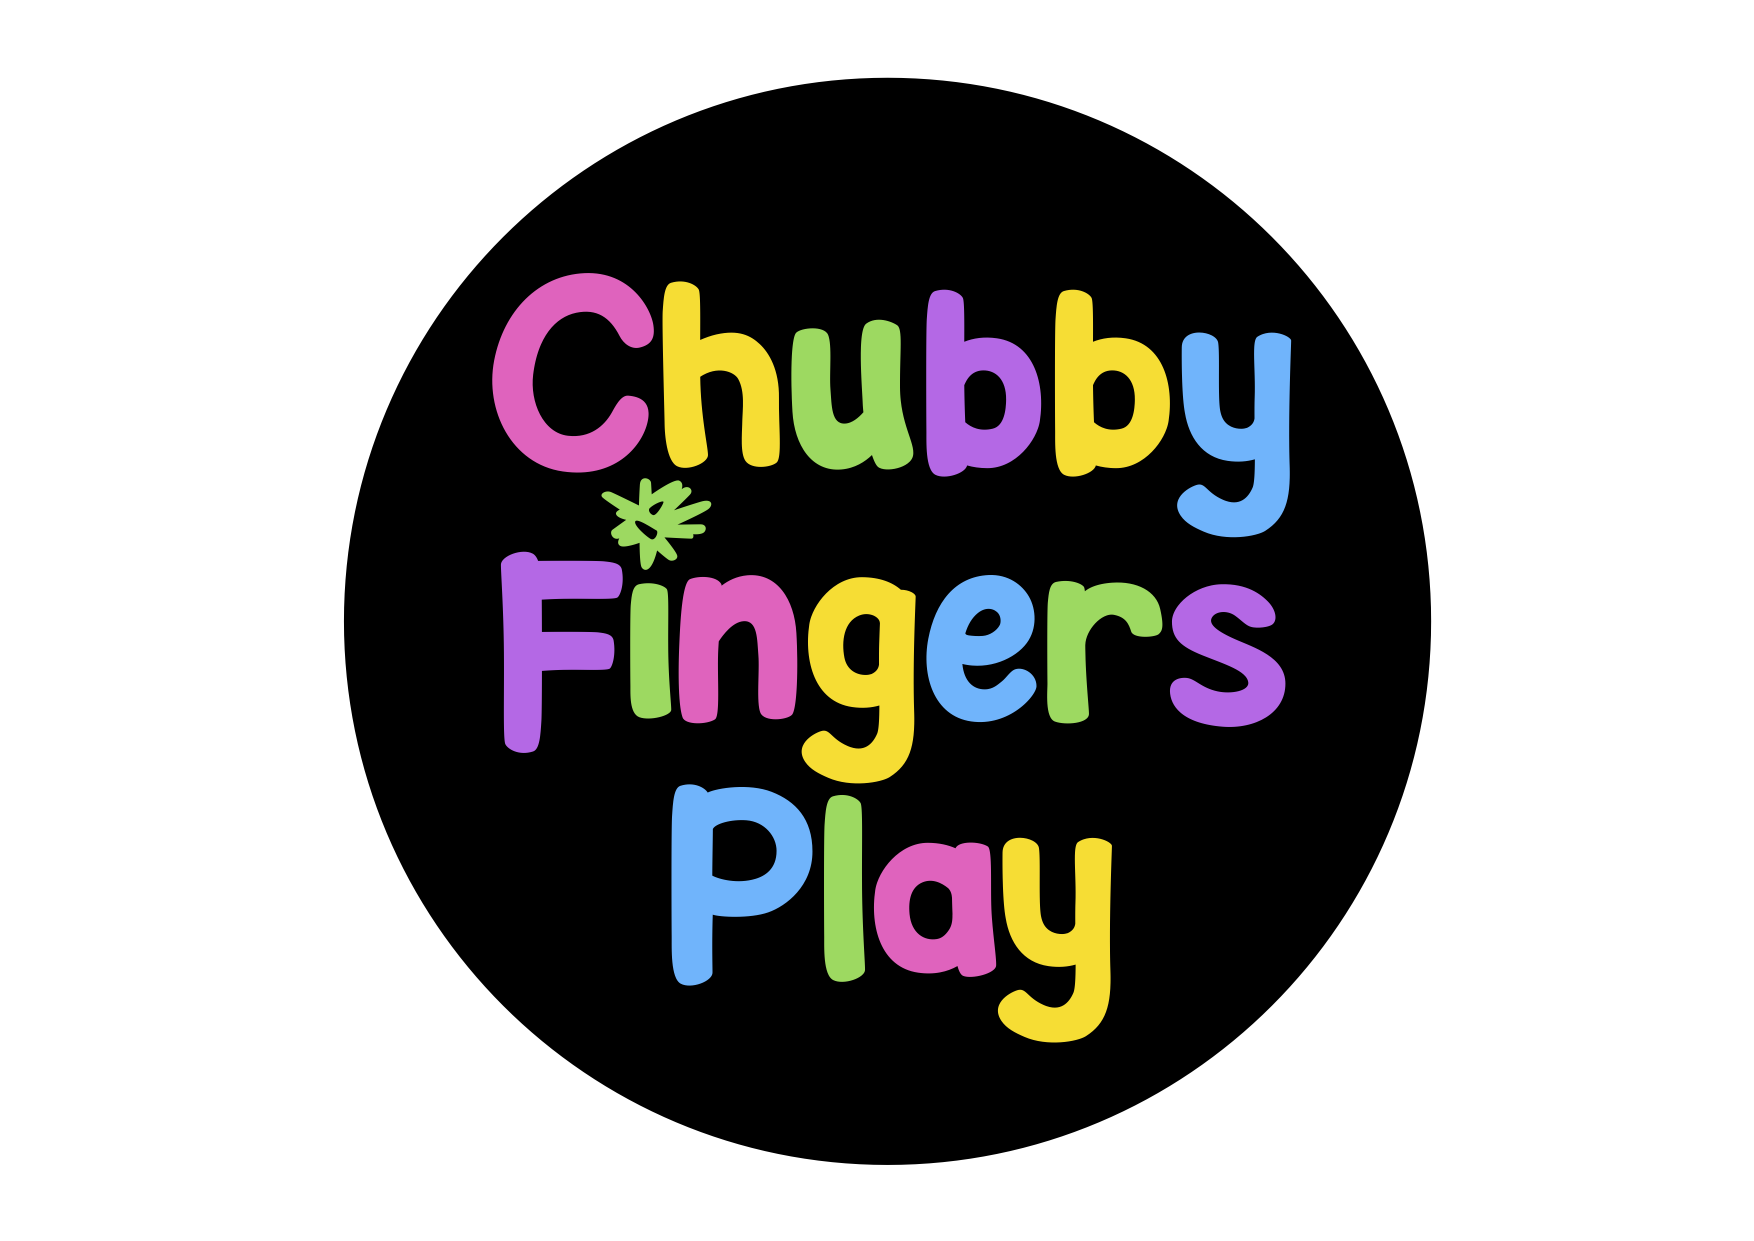 ChubbyFingersPlay